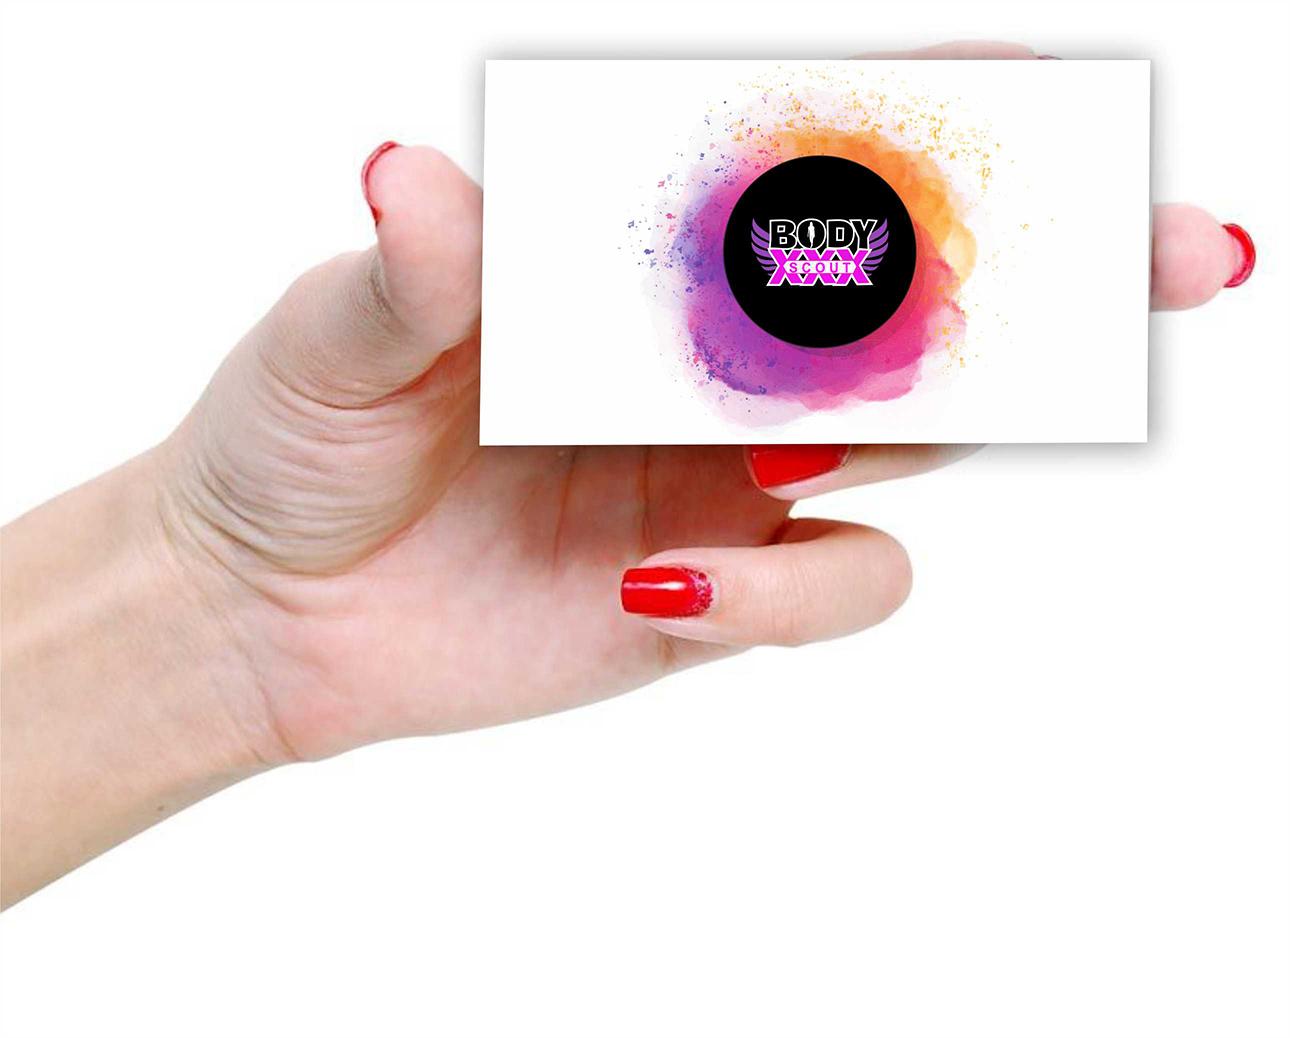 Разработка логотипа (видеоблог для моделей) фото f_9905b2799e9c68de.jpg